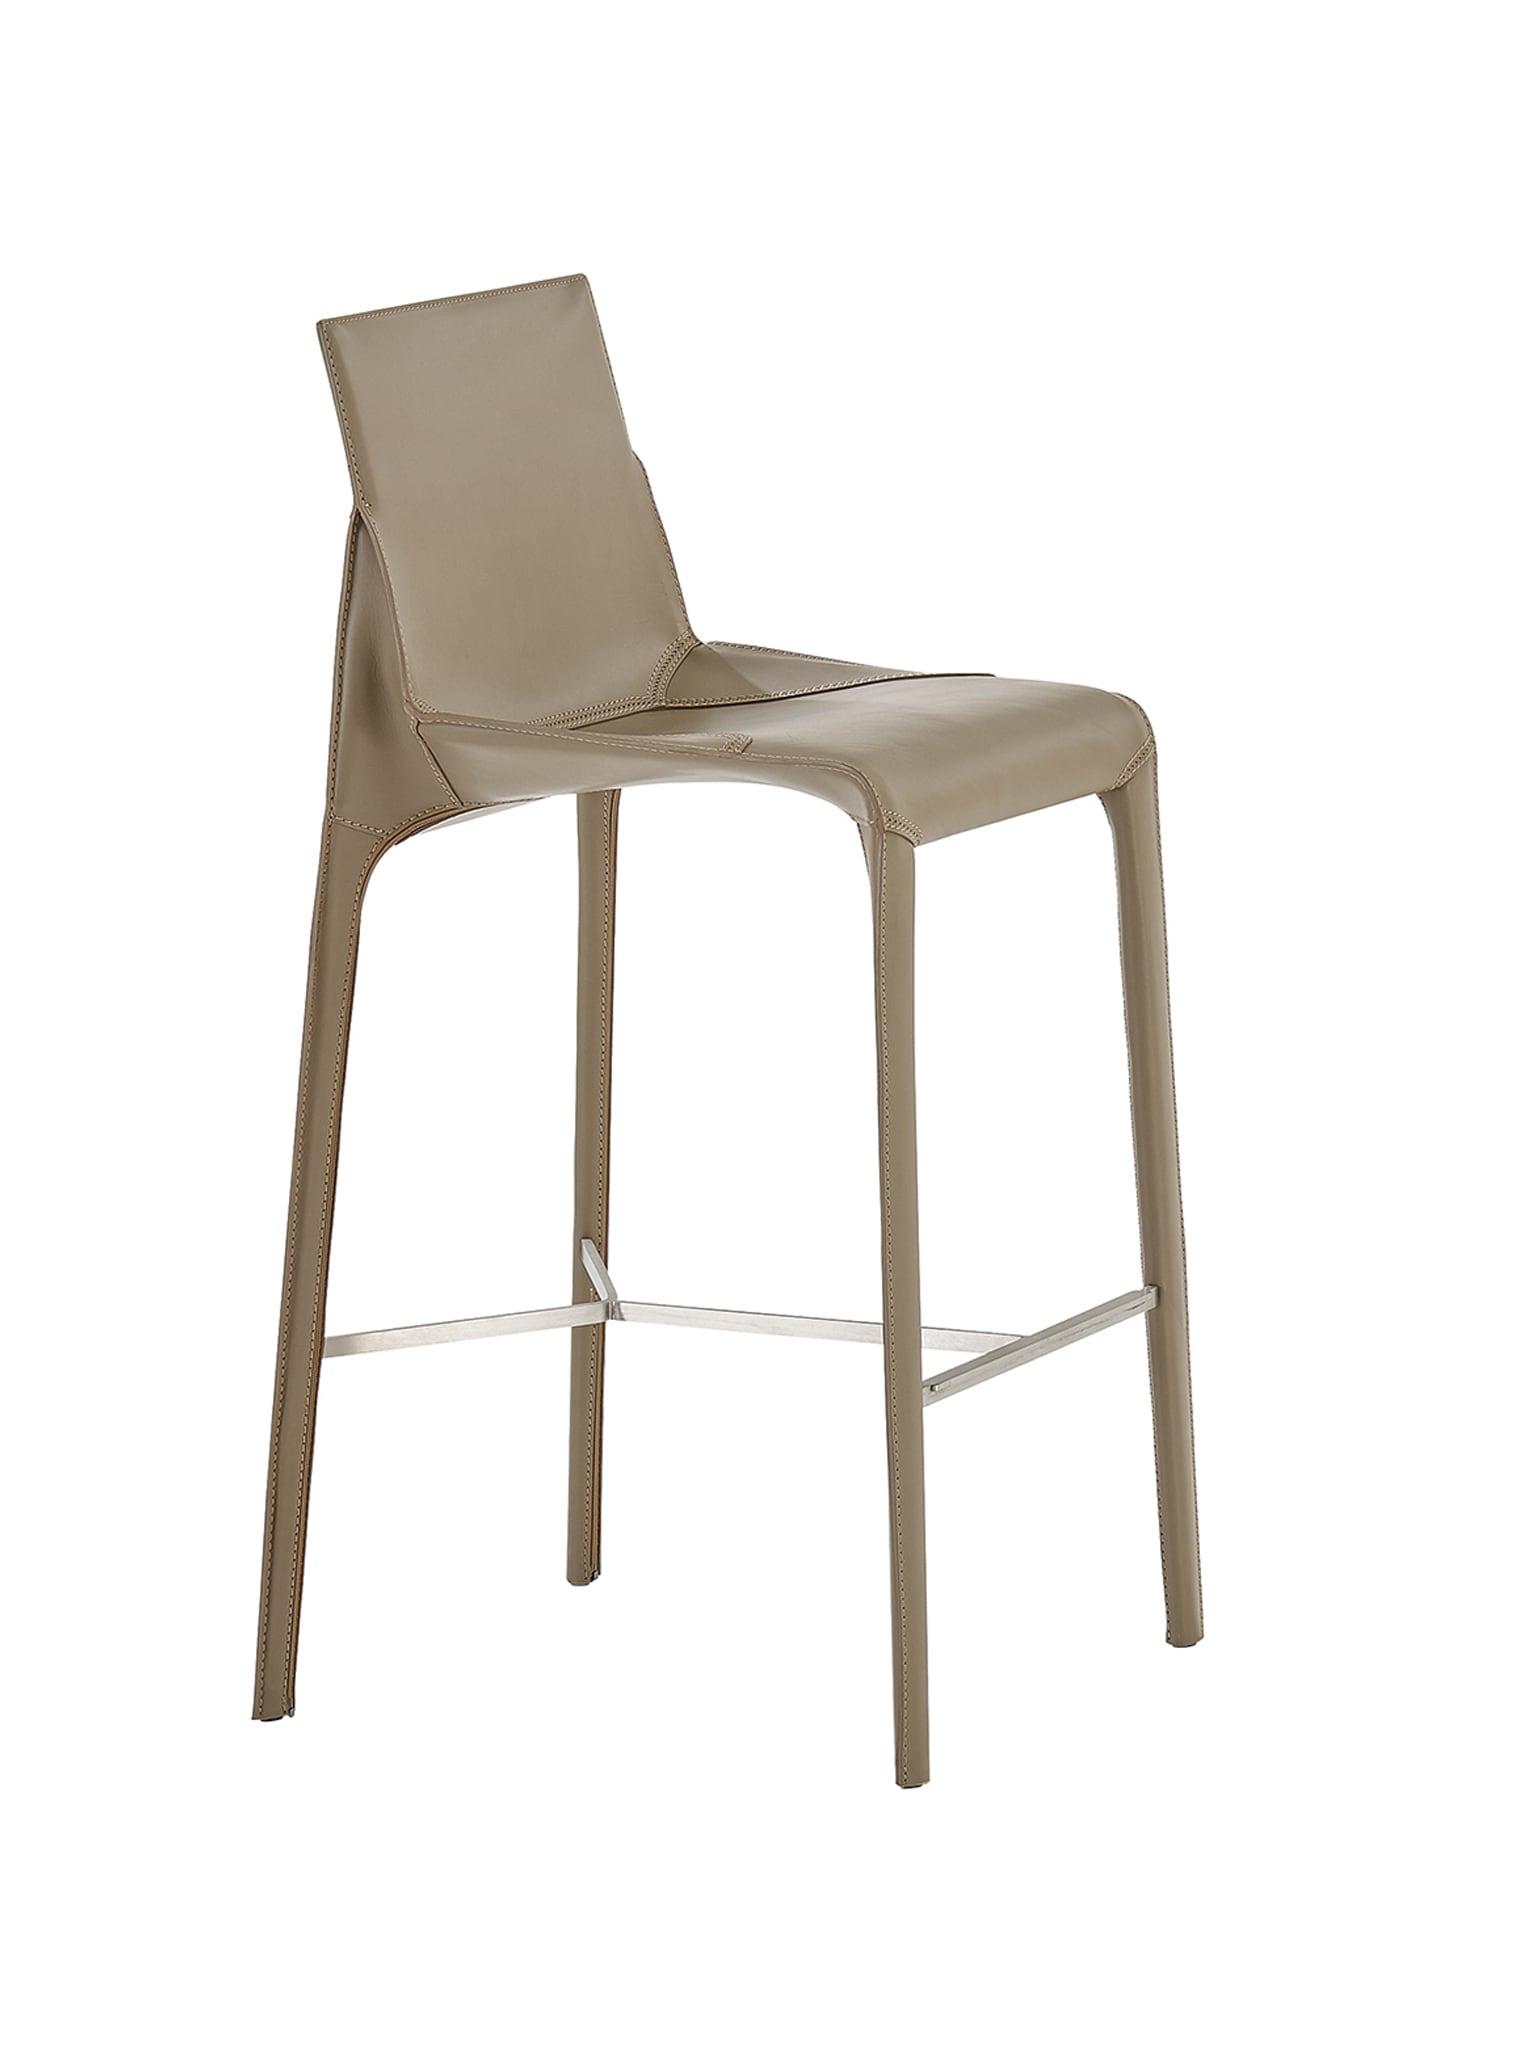 Sgabello Seattle, design Jean-Marie Massaud, con seduta in poliuretano e gambe in legno, interamente rivestiti in cuoio, POLIFORM (prezzo su richiesta).